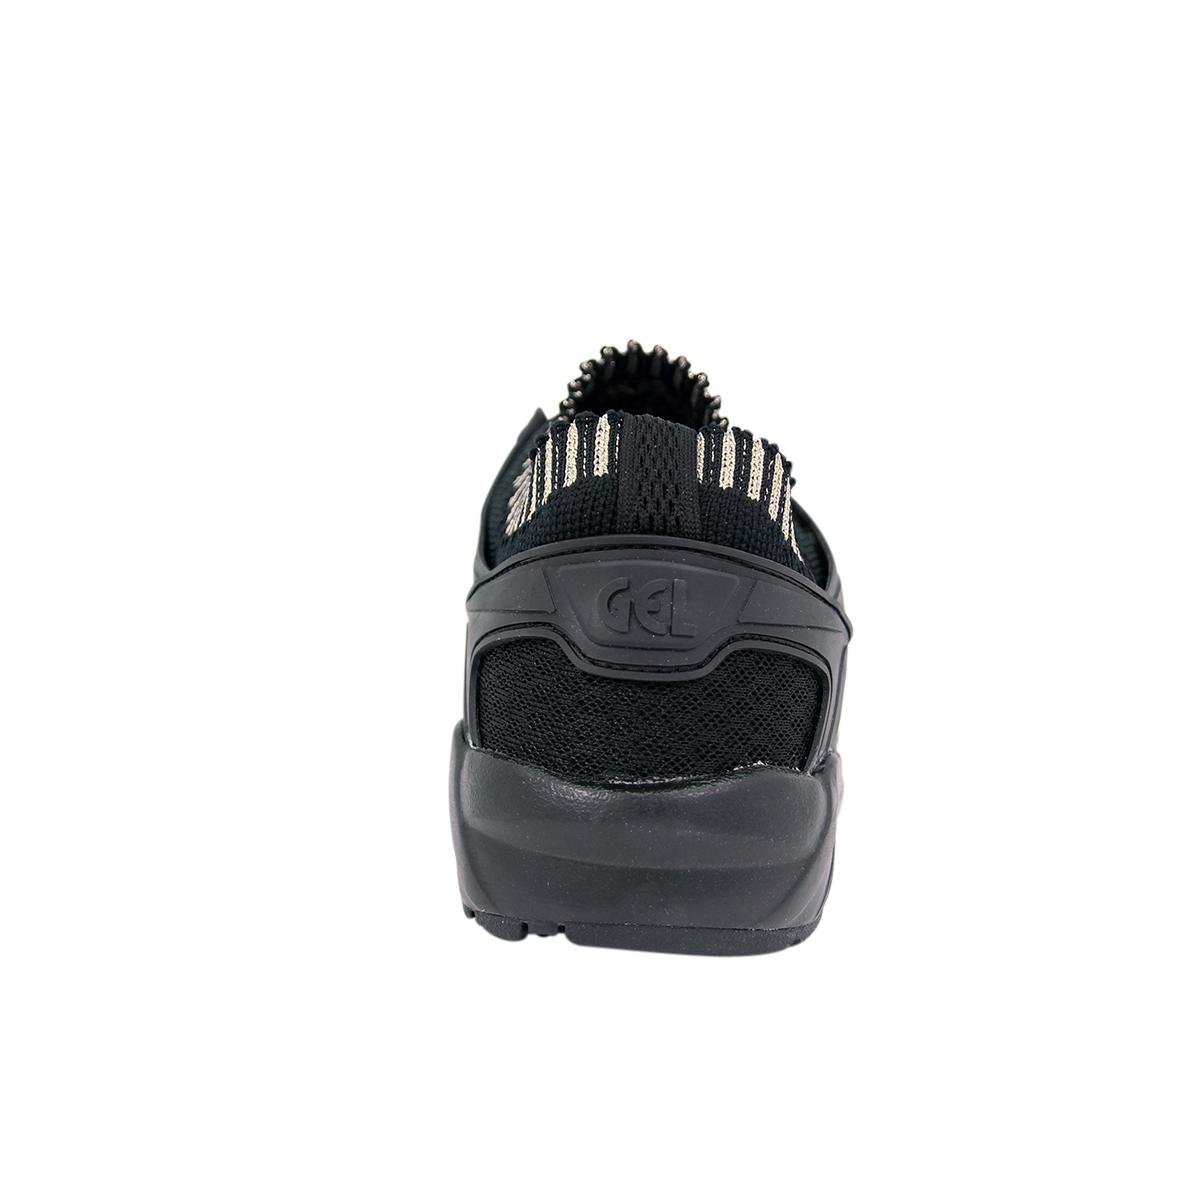 Asics gel gel gel Kayano entrenador caballero zapatillas zapatillas nuevo 799a77